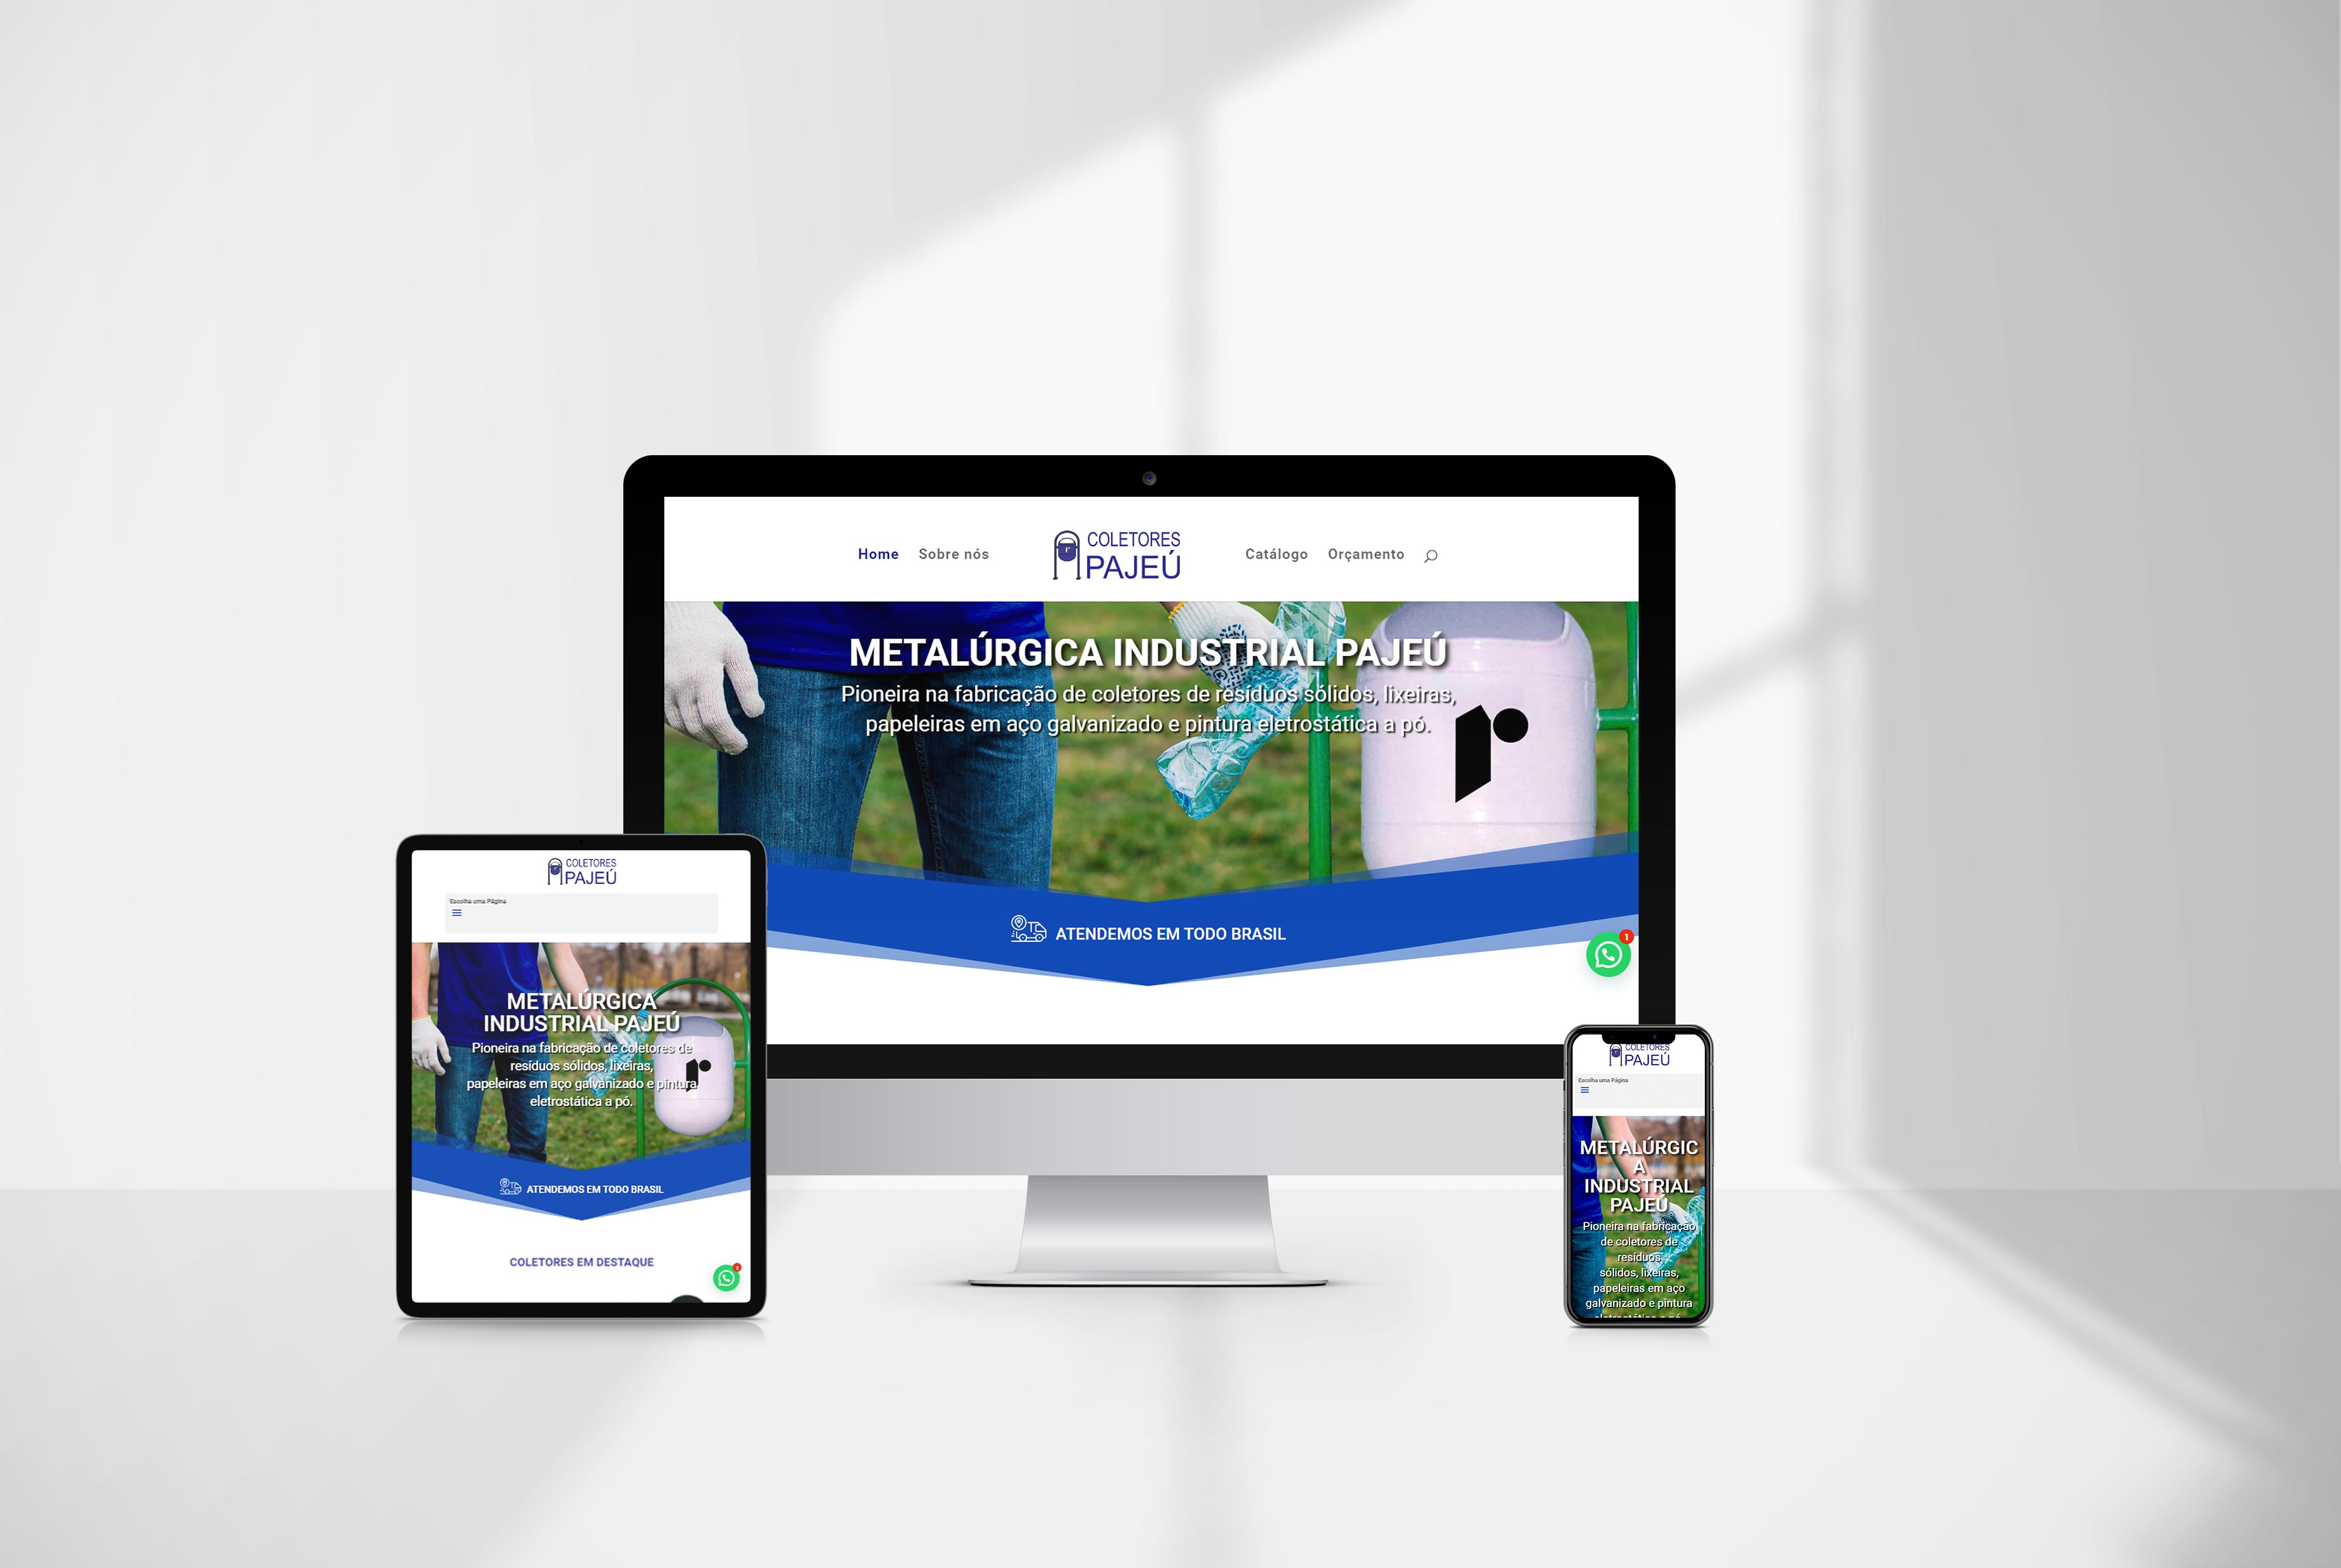 criacao de site Pajeu - agencia de marketing digital casanova digital